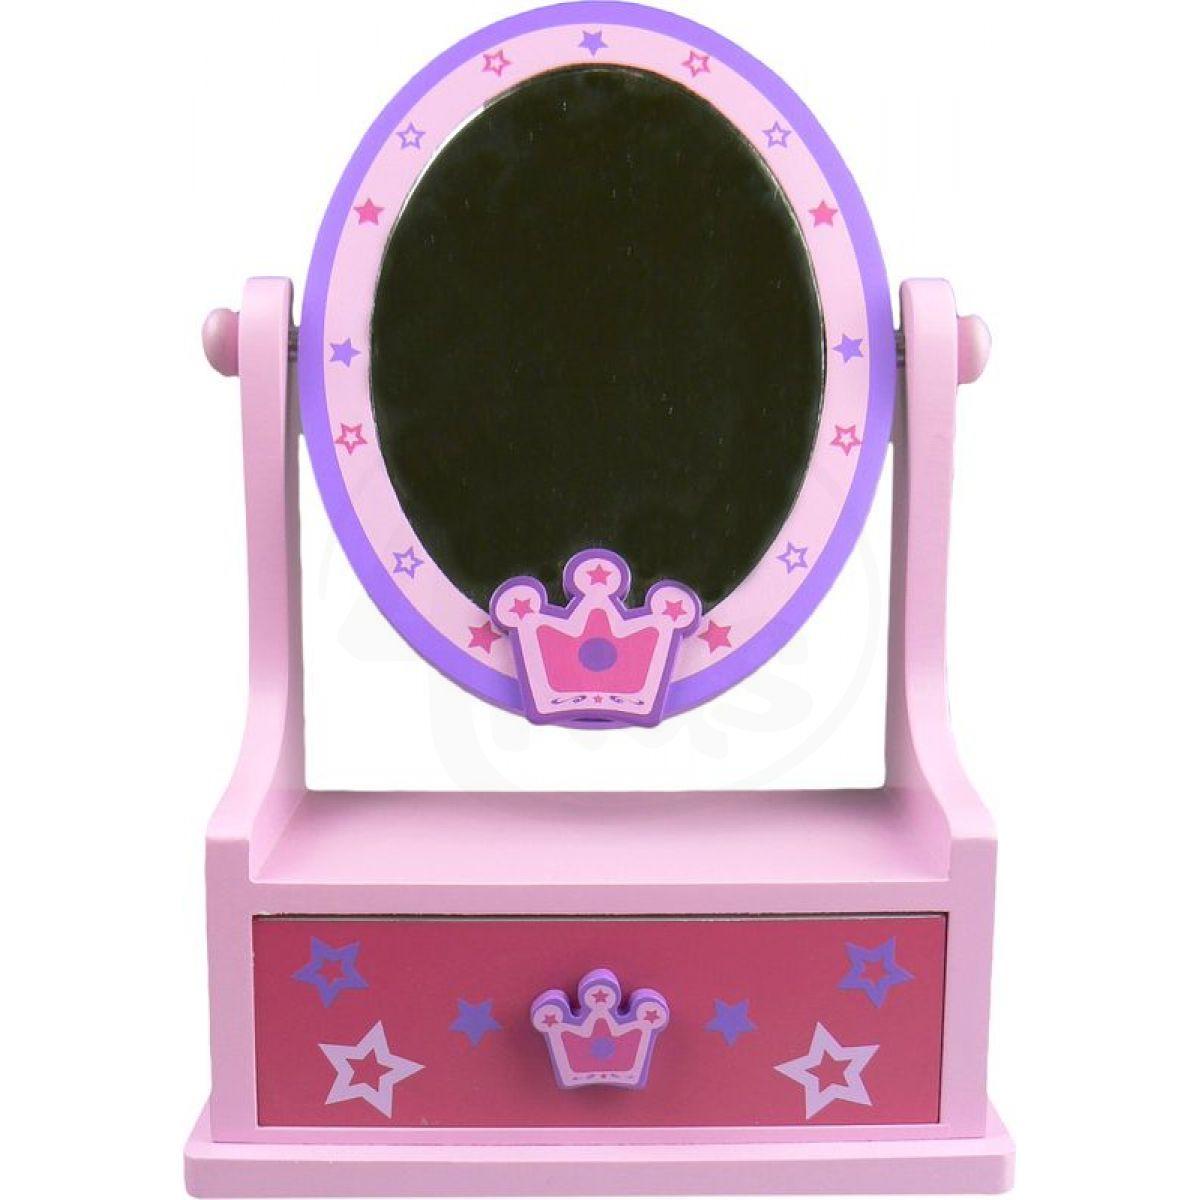 Zrcadlo d ev n ov l se z suvkou korunka hv zdy 4kids for Miroir princesse